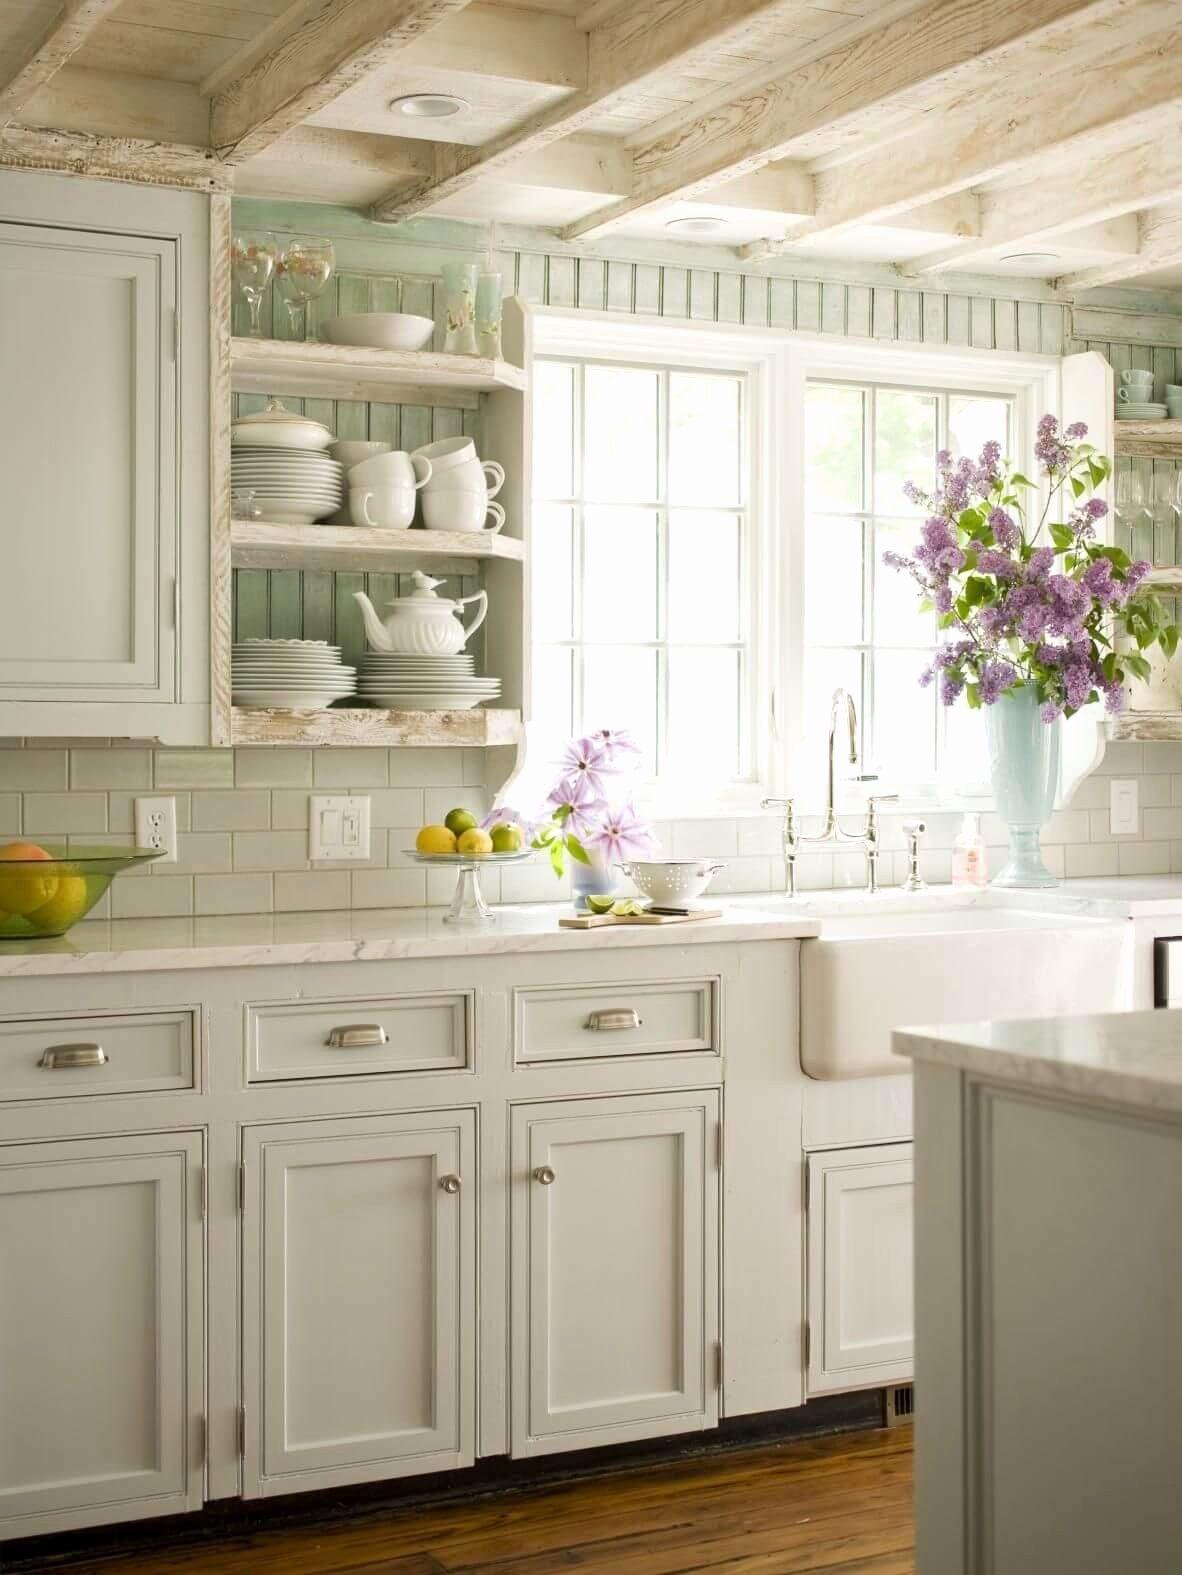 Cottage Home Interior Design Ideas Luxury 27 Best Country Cottage Style Kitchen Decor I In 2020 Country Kitchen Designs Farmhouse Kitchen Colors French Cottage Kitchen